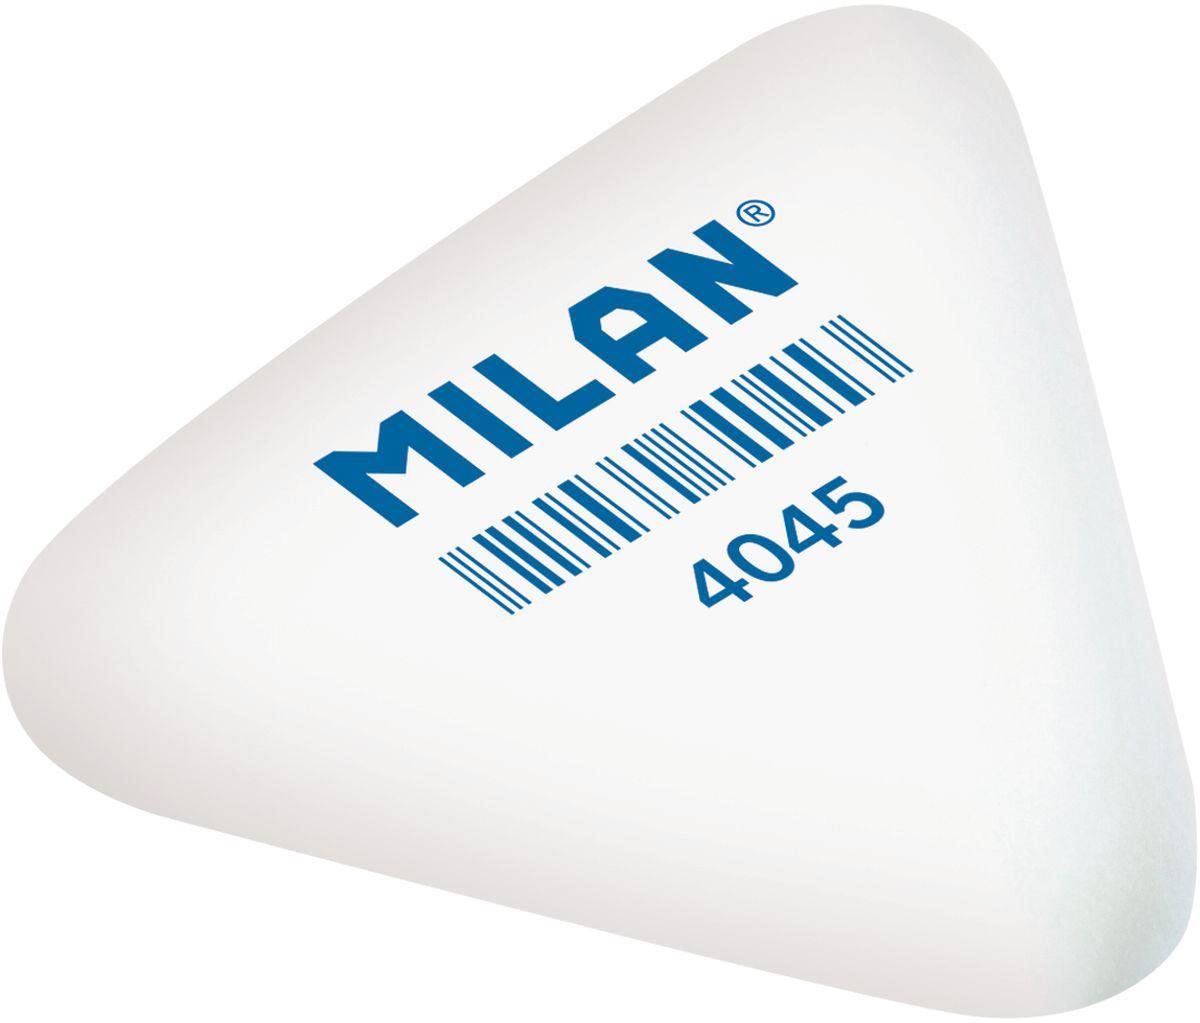 Купить Ластик MILAN 4045 39*34*9 мм треугольный, Испания